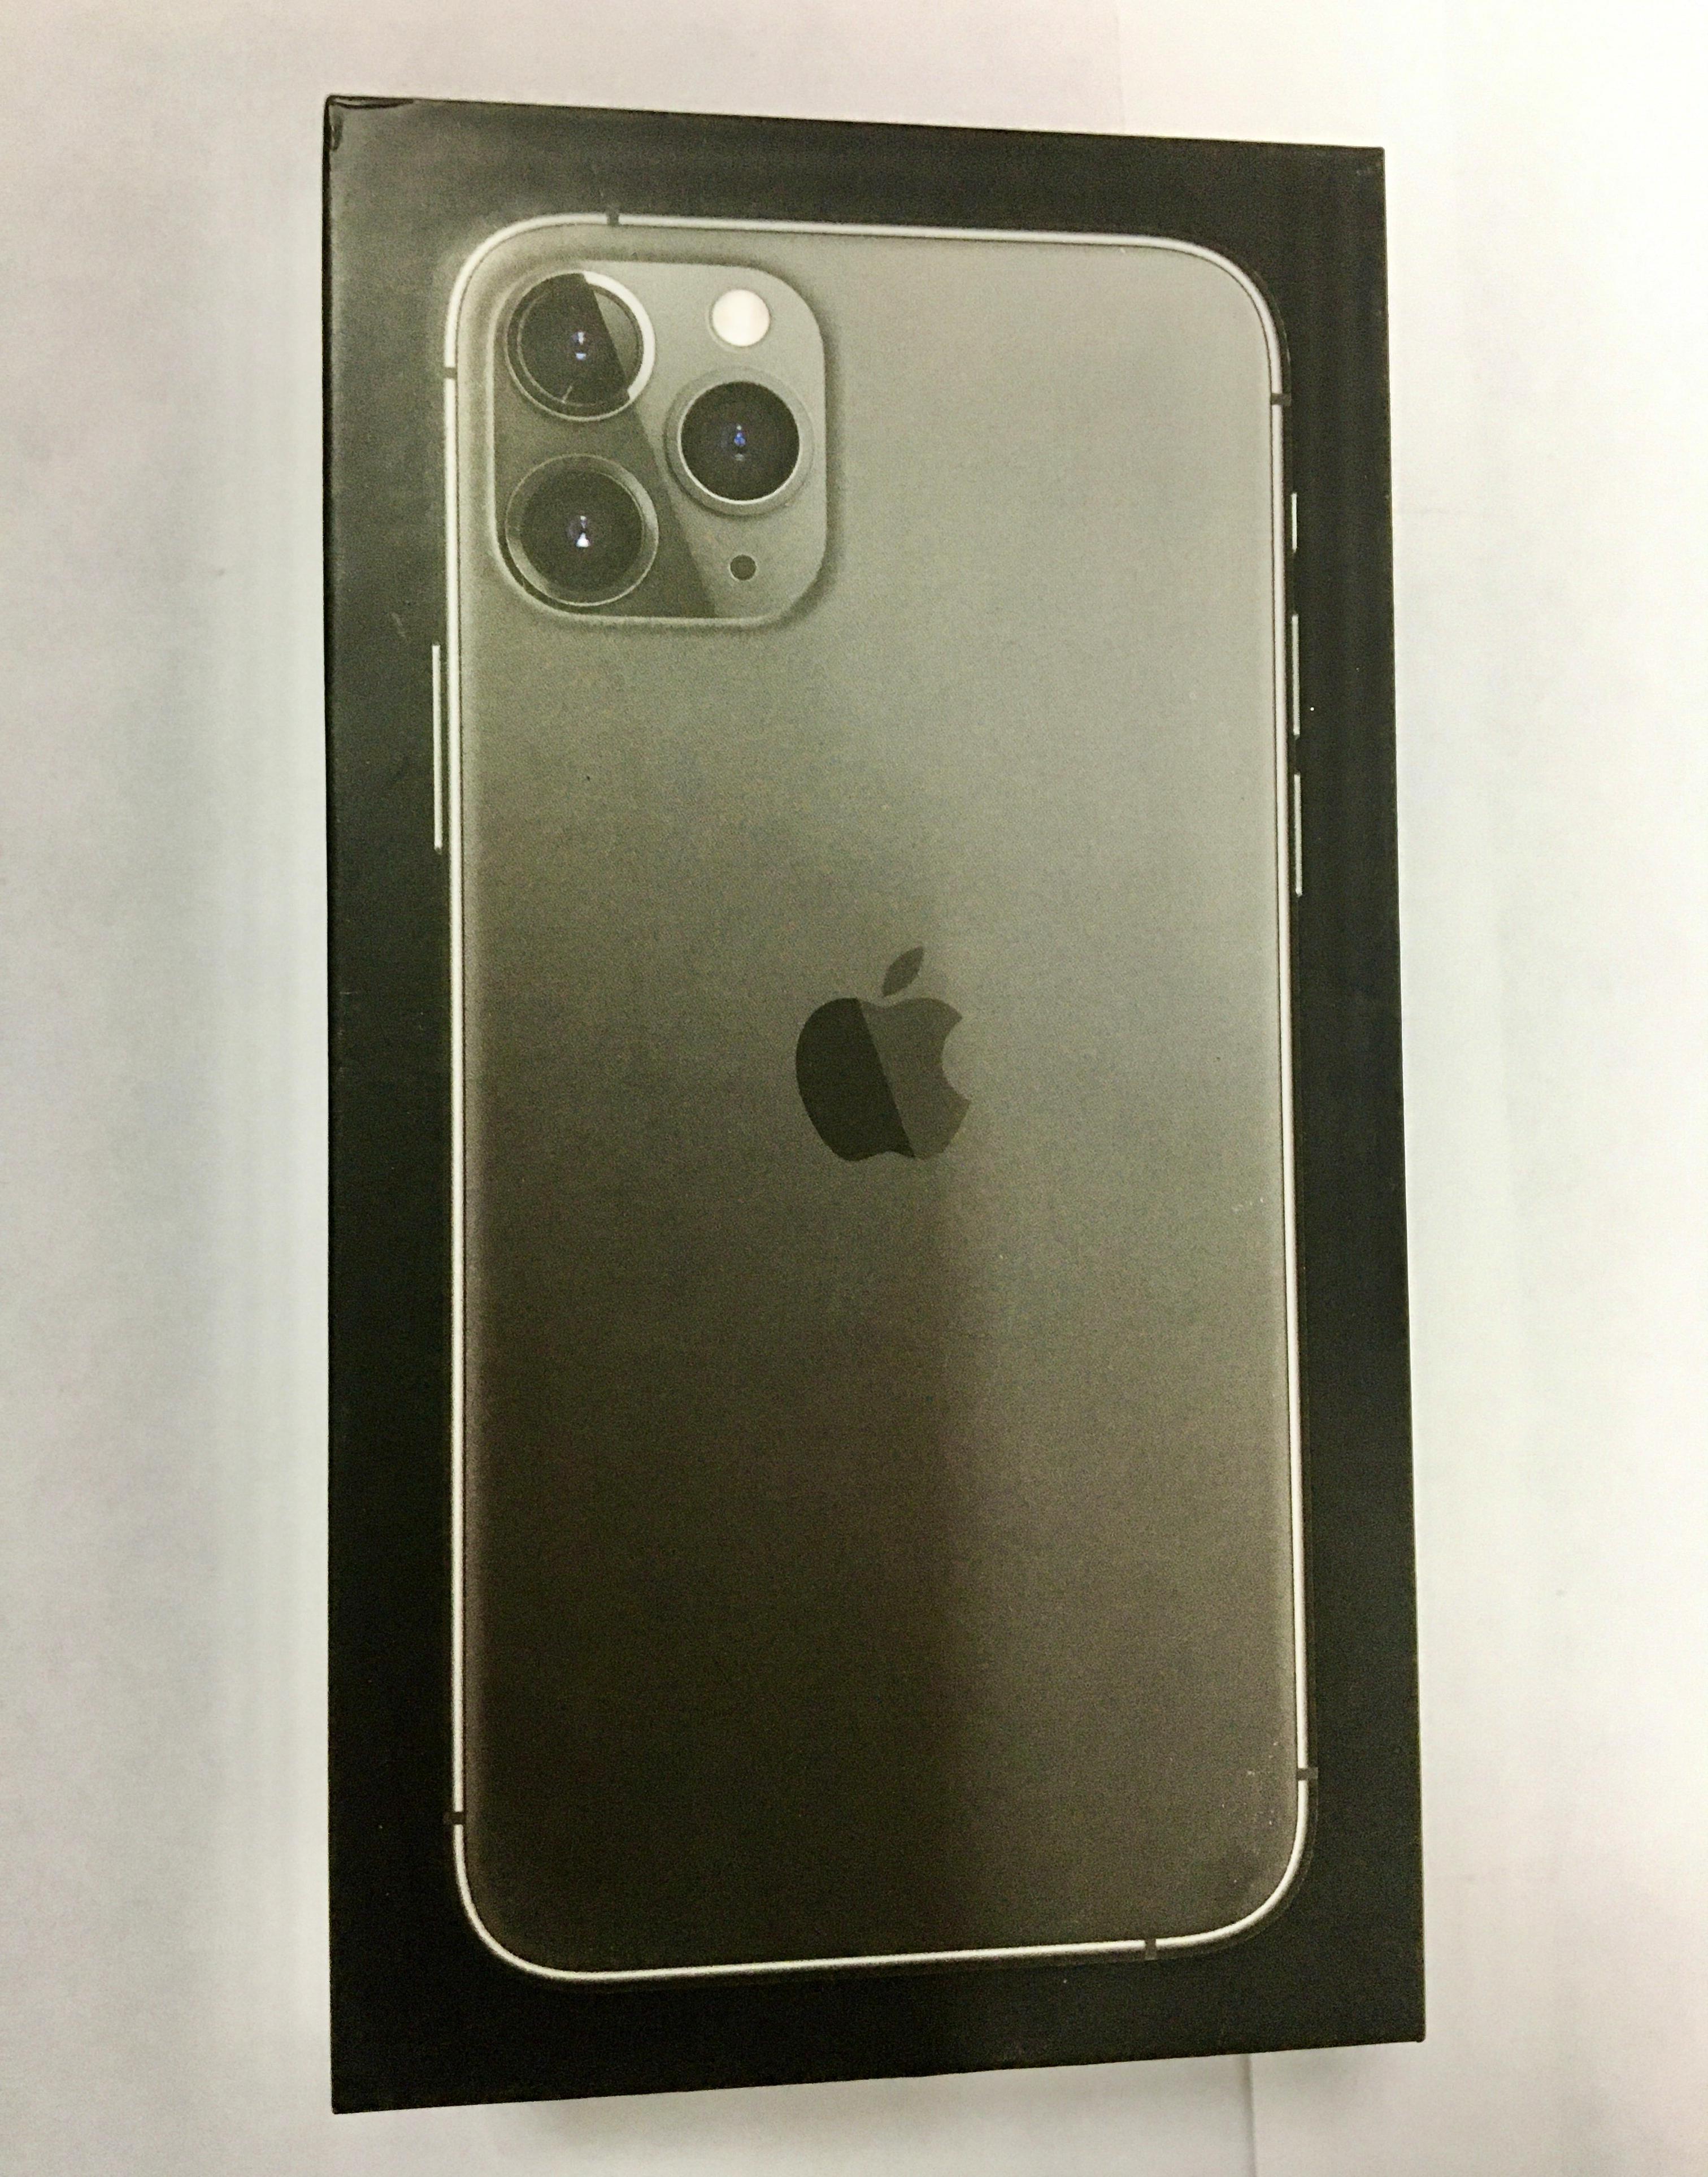 коробка iphone 11 pro space gray